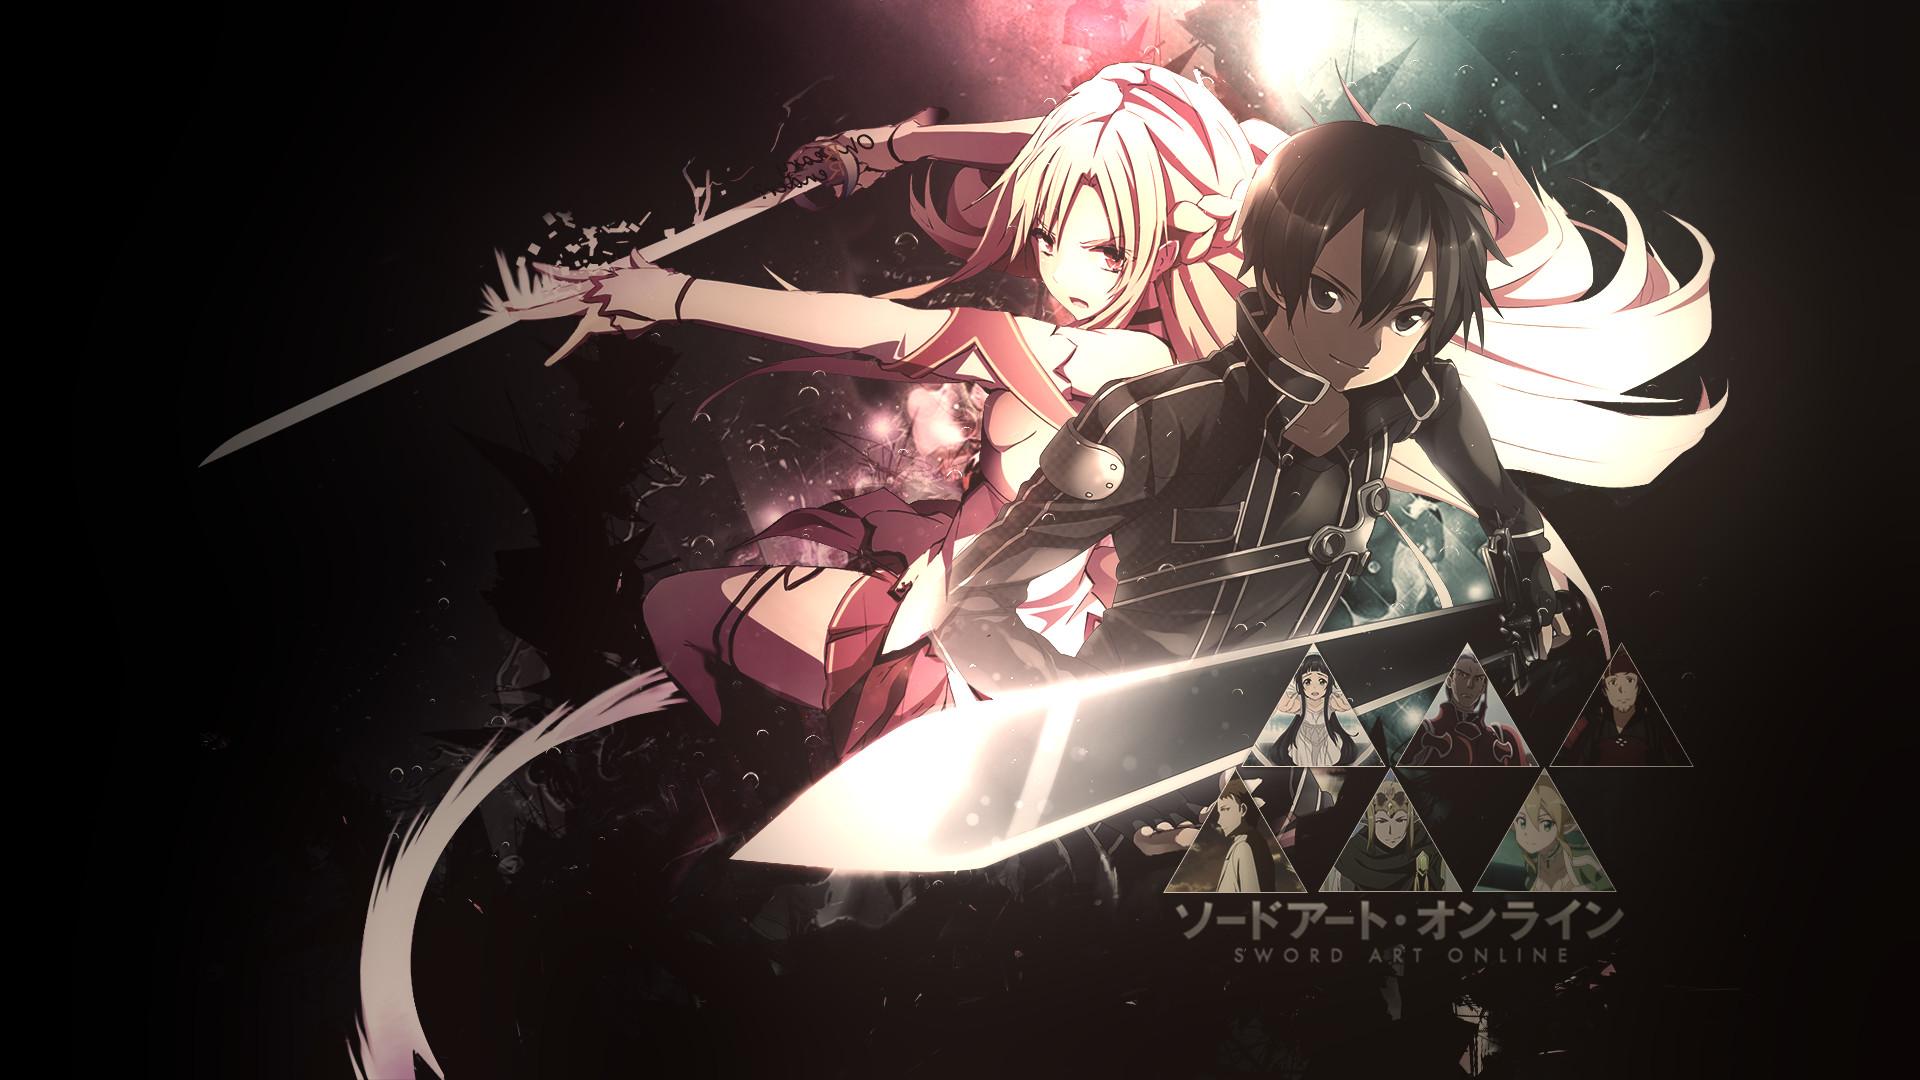 Sword Art Online Wallpapers High Resolution As Wallpaper HD